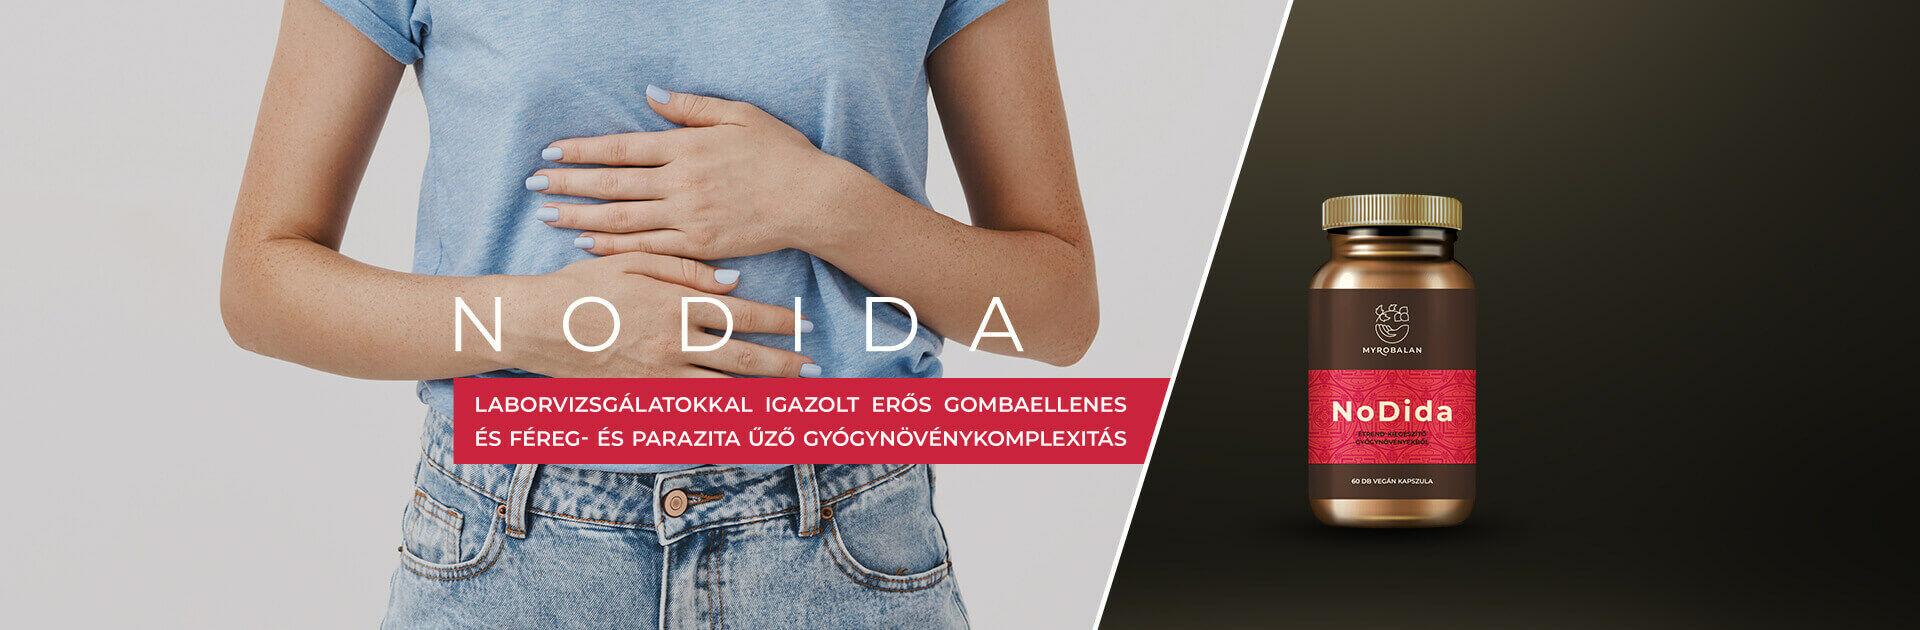 NoDida gyógynövény kapszula candida, gombák, paraziták és férgek kezelésére